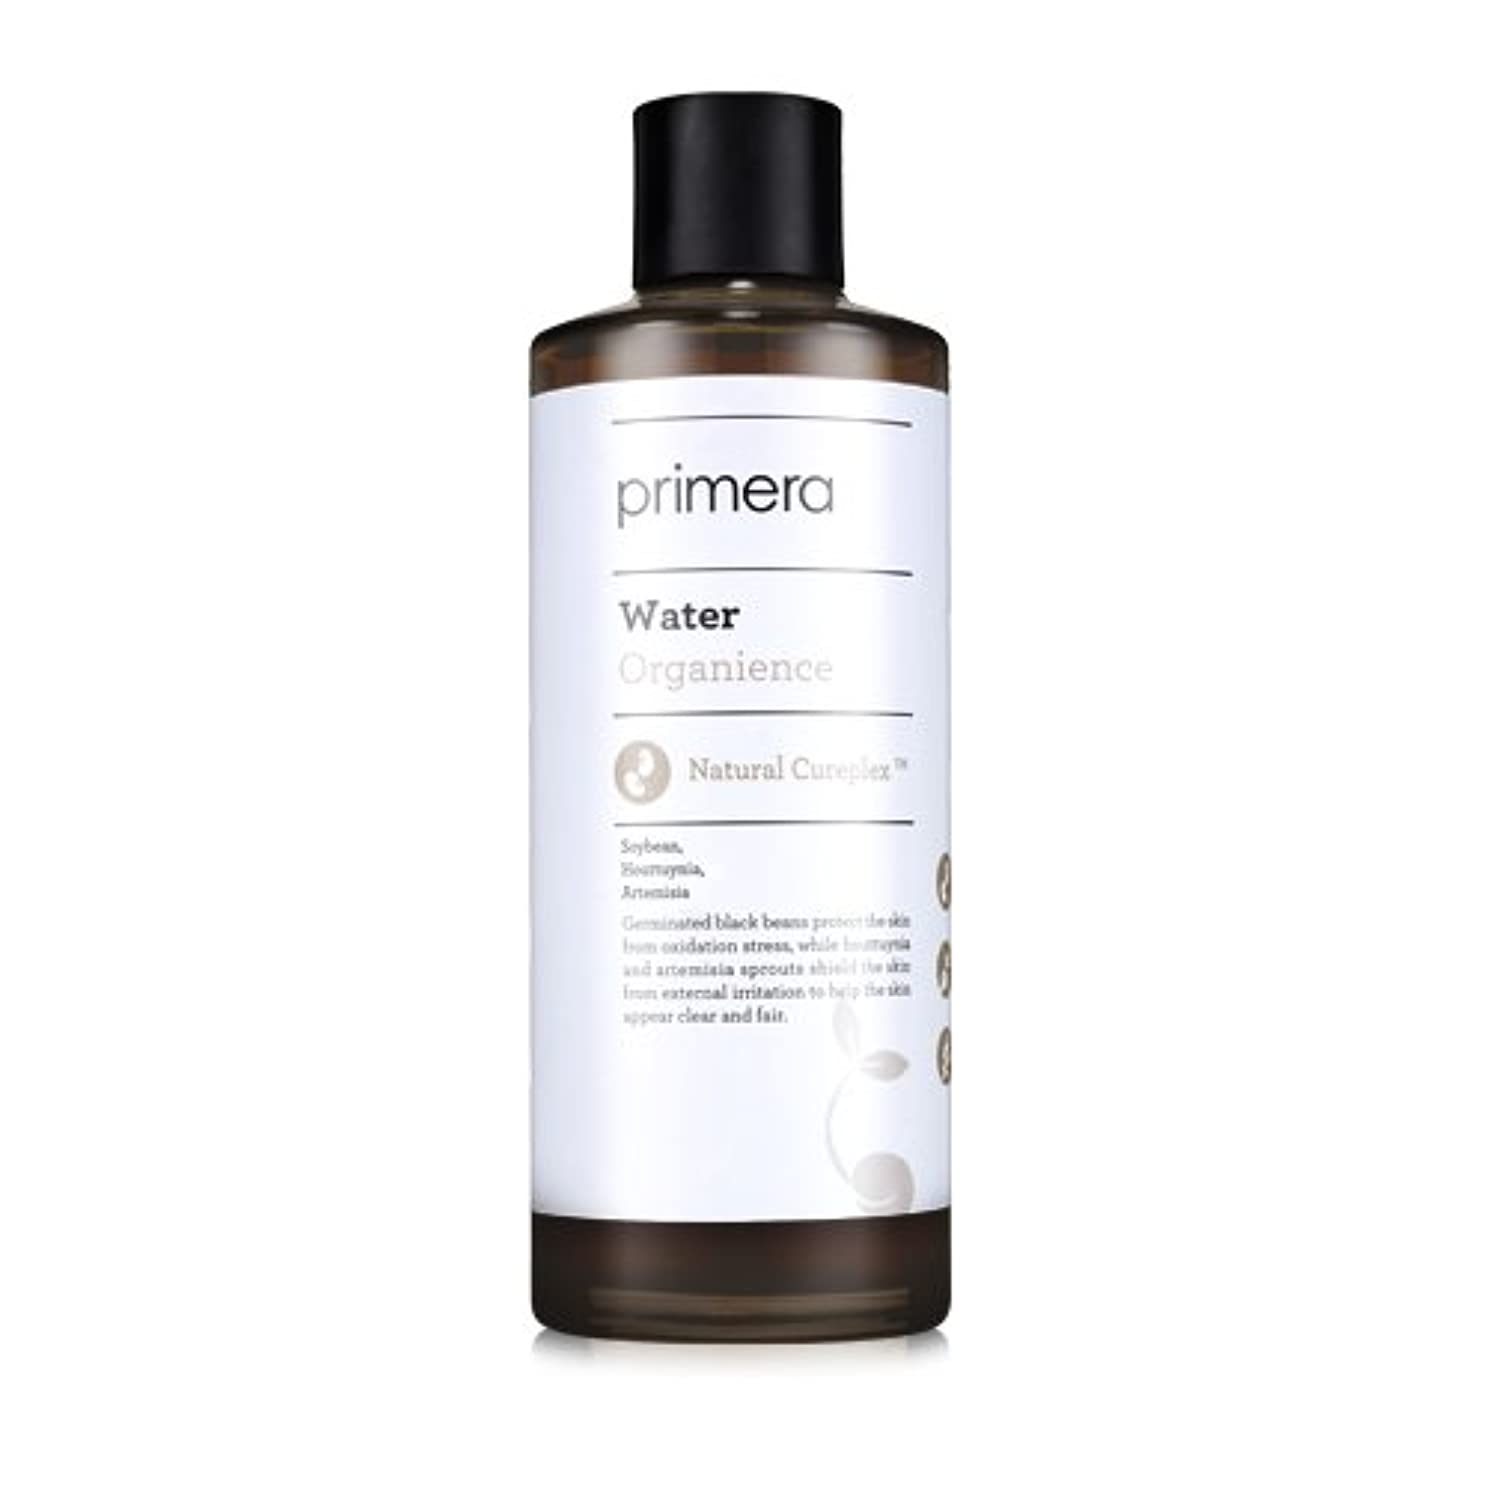 従来の契約した制約PRIMERA プリメラ オーガニエンス エマルジョン(Organience Emulsion)乳液 150ml